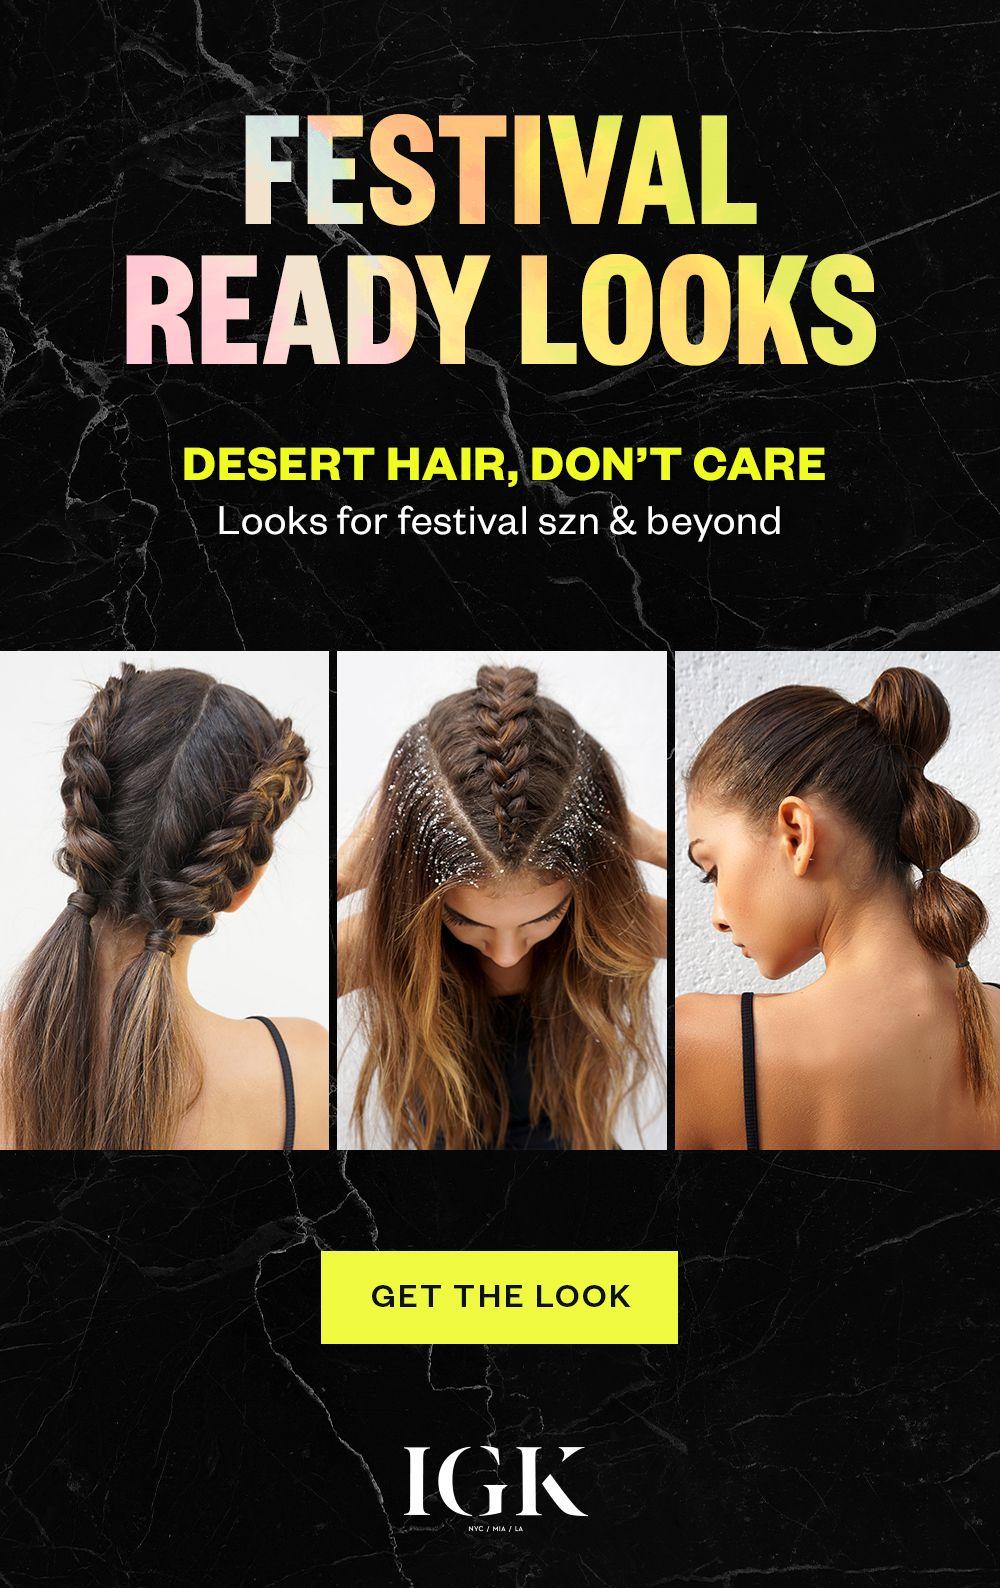 Festival Hair Styles For The Desert And Beyond Festival Hair